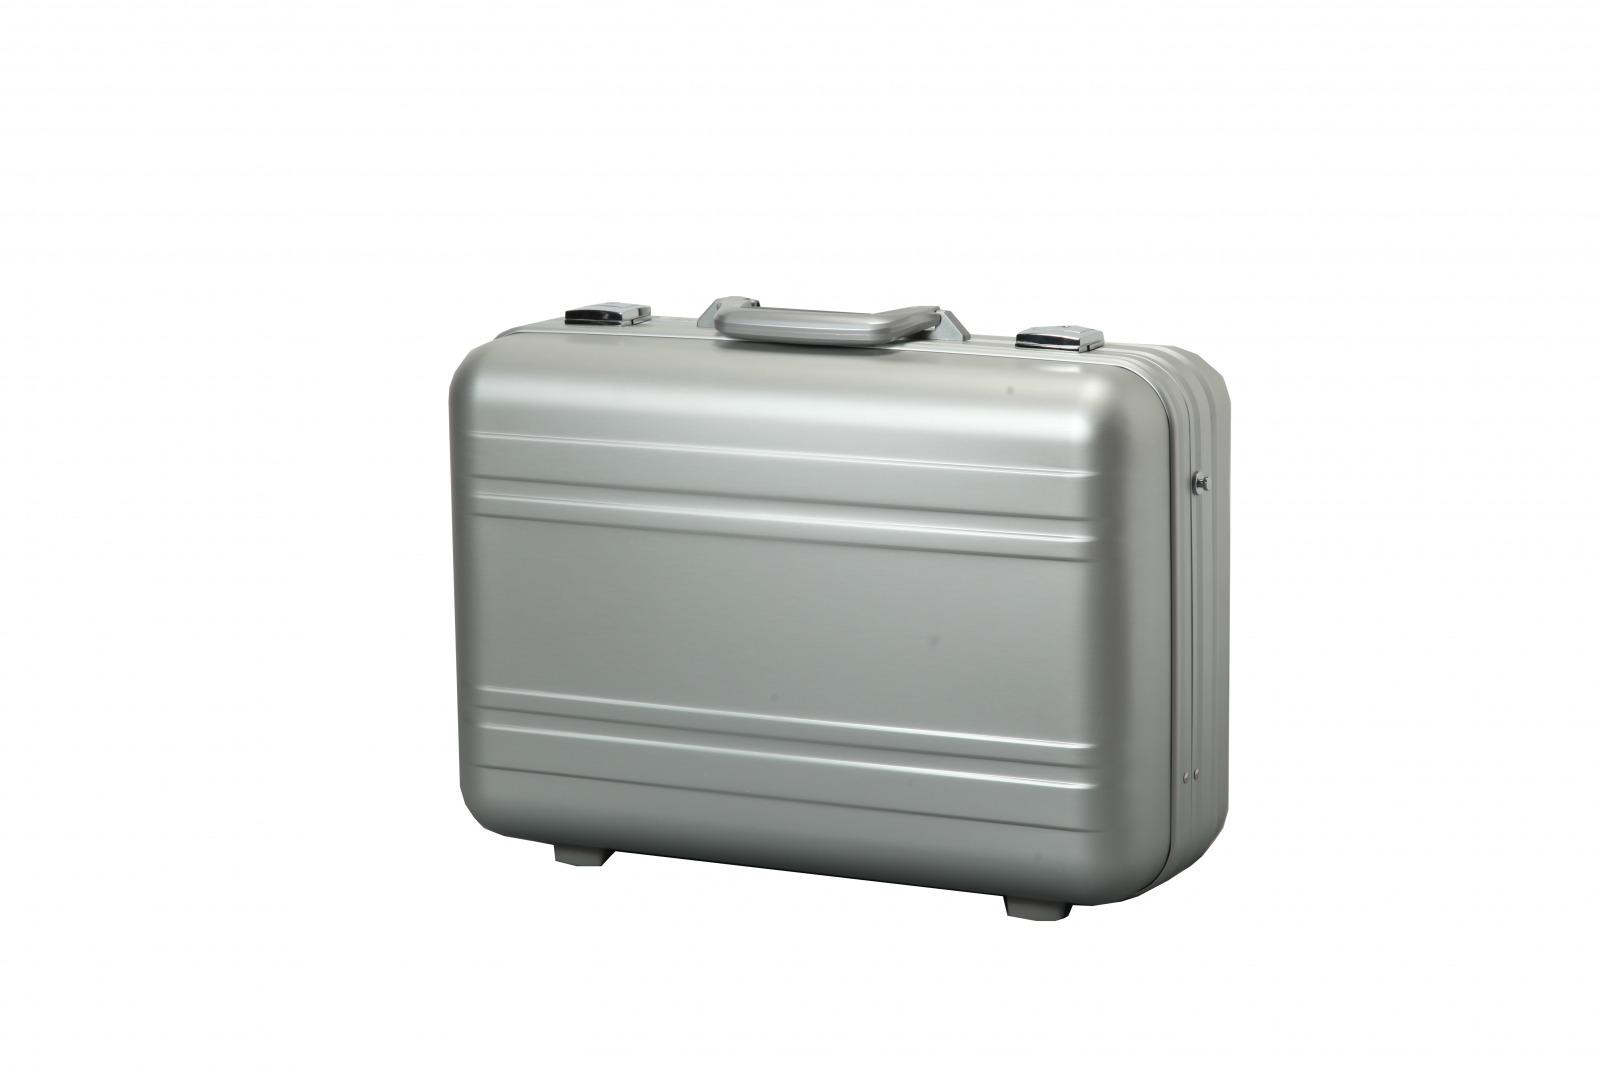 アルミ製アタッシュケース・3桁ダイヤルロック錠 【アルック ビッグシリーズ】 付・アルミビジネスバッグ (TSA)